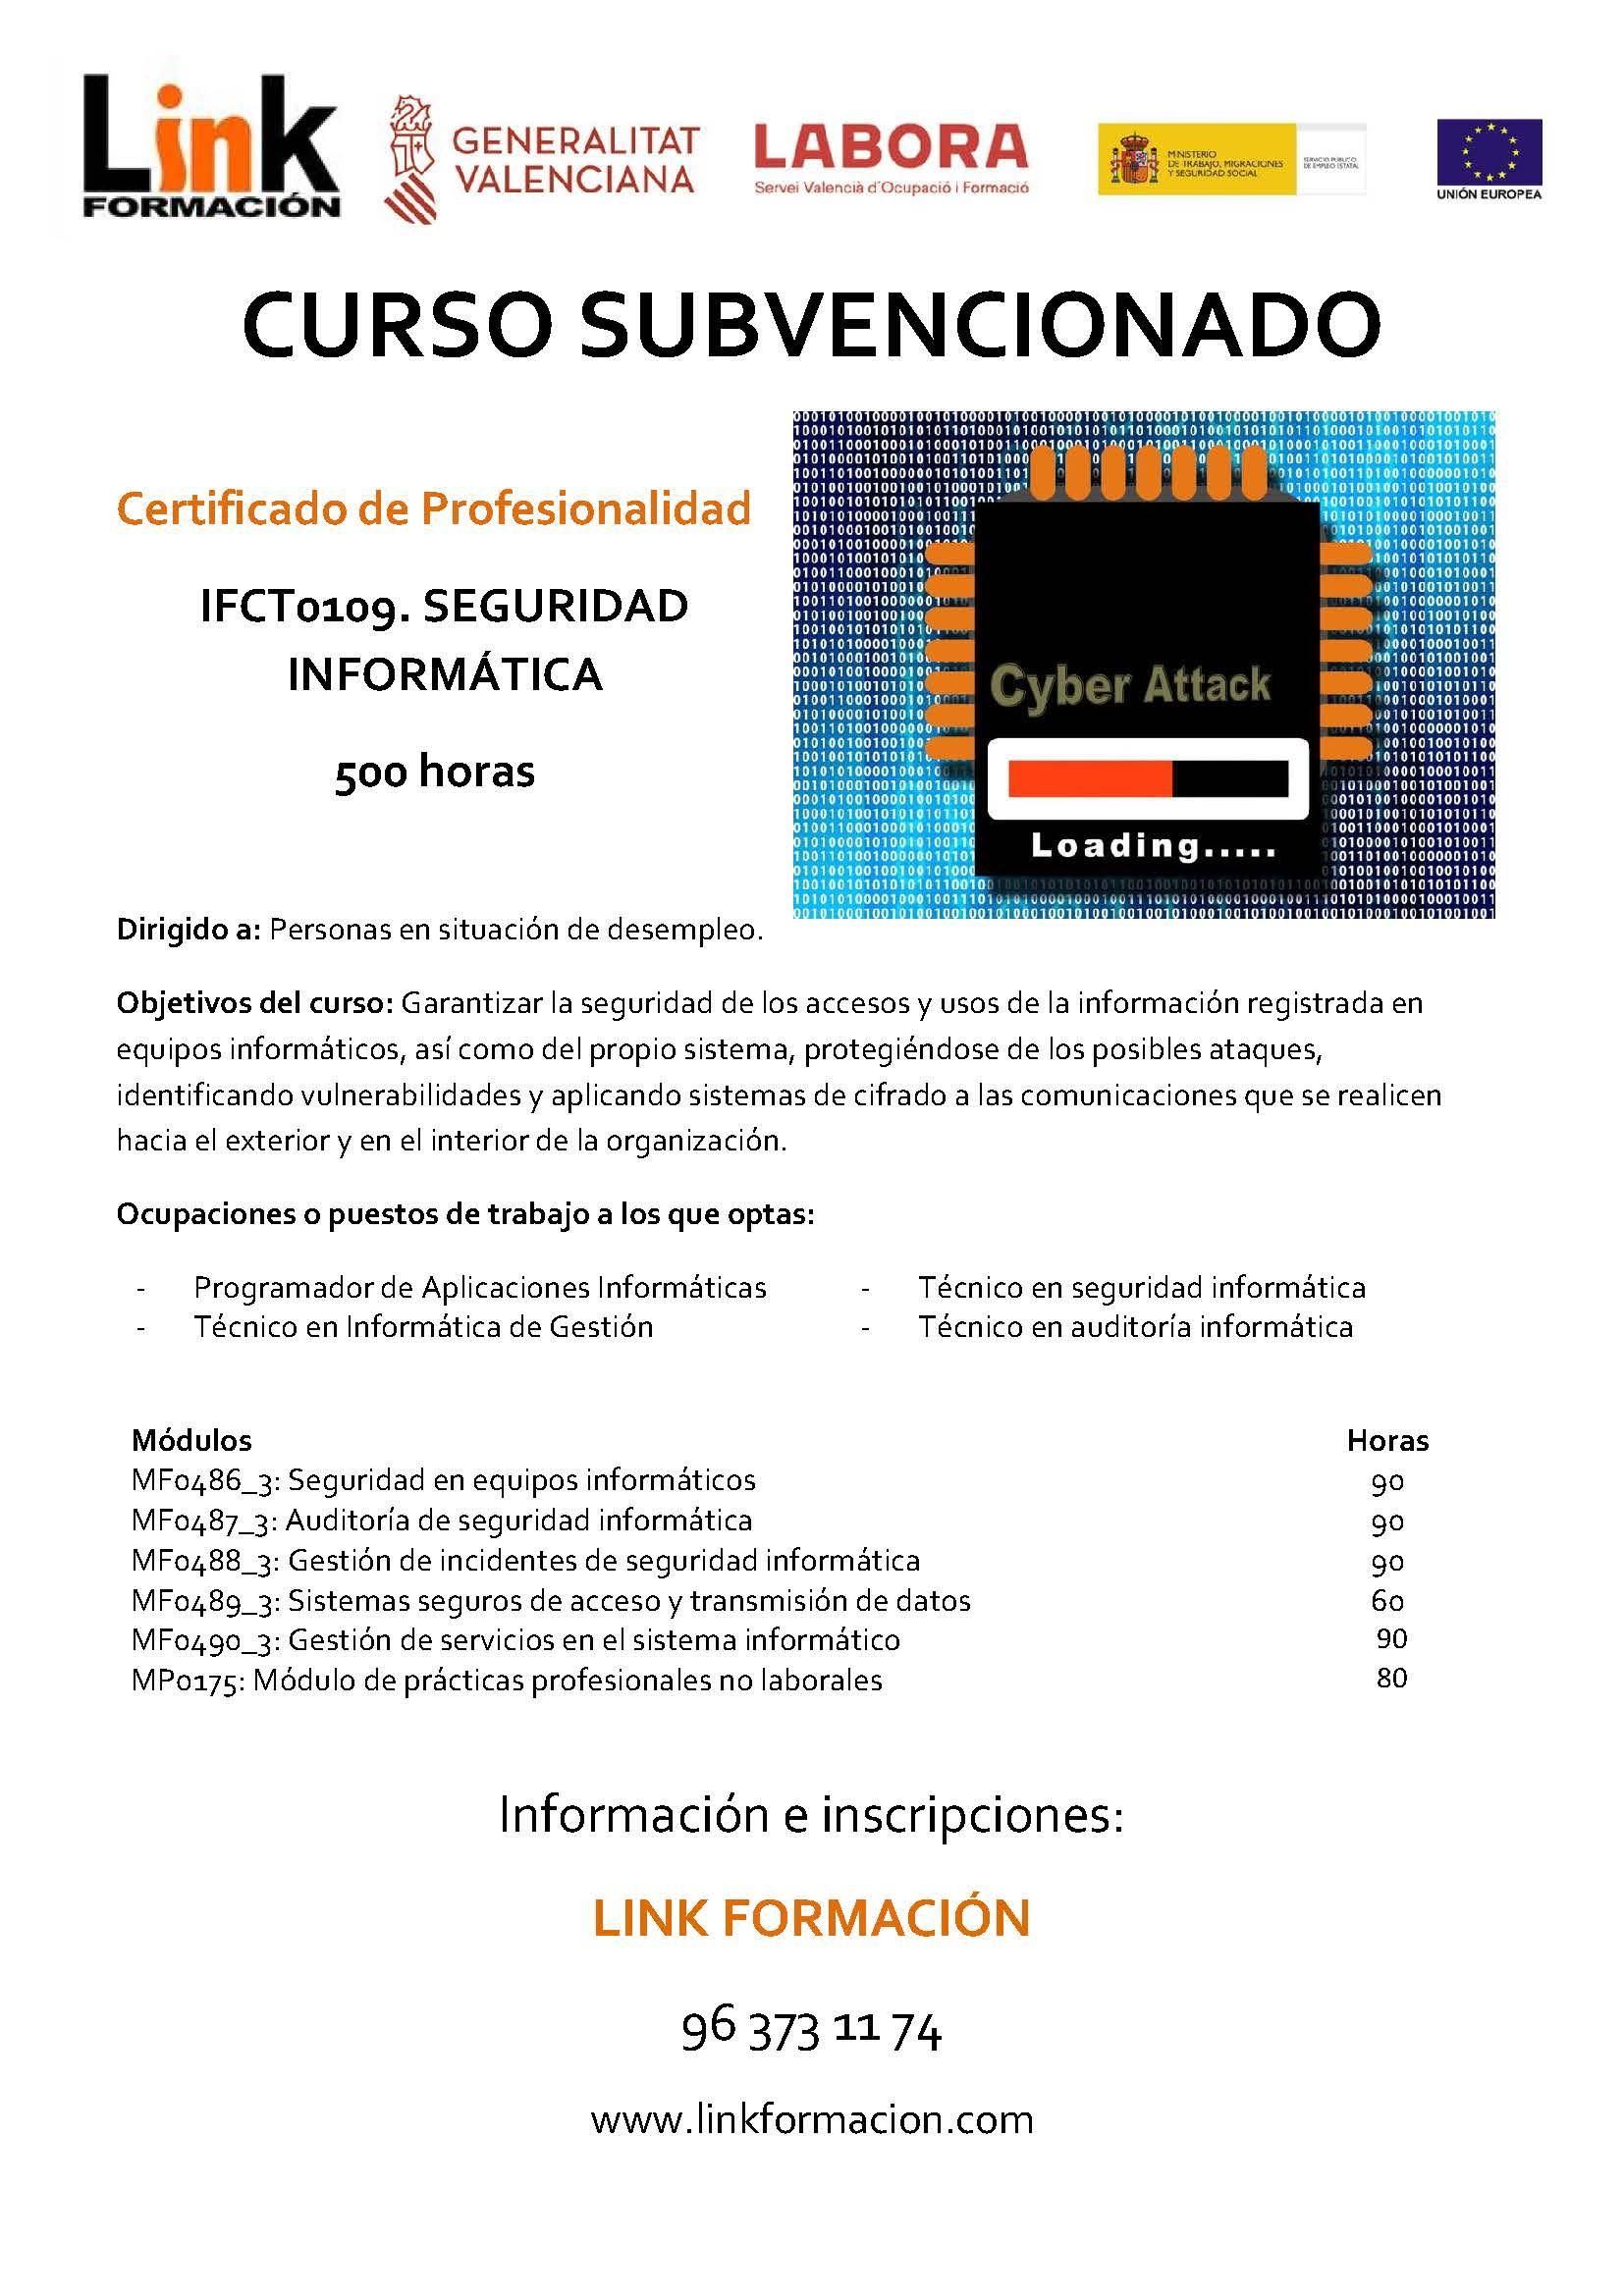 IFCT0109 SEGURIDAD INFORMÁTICA